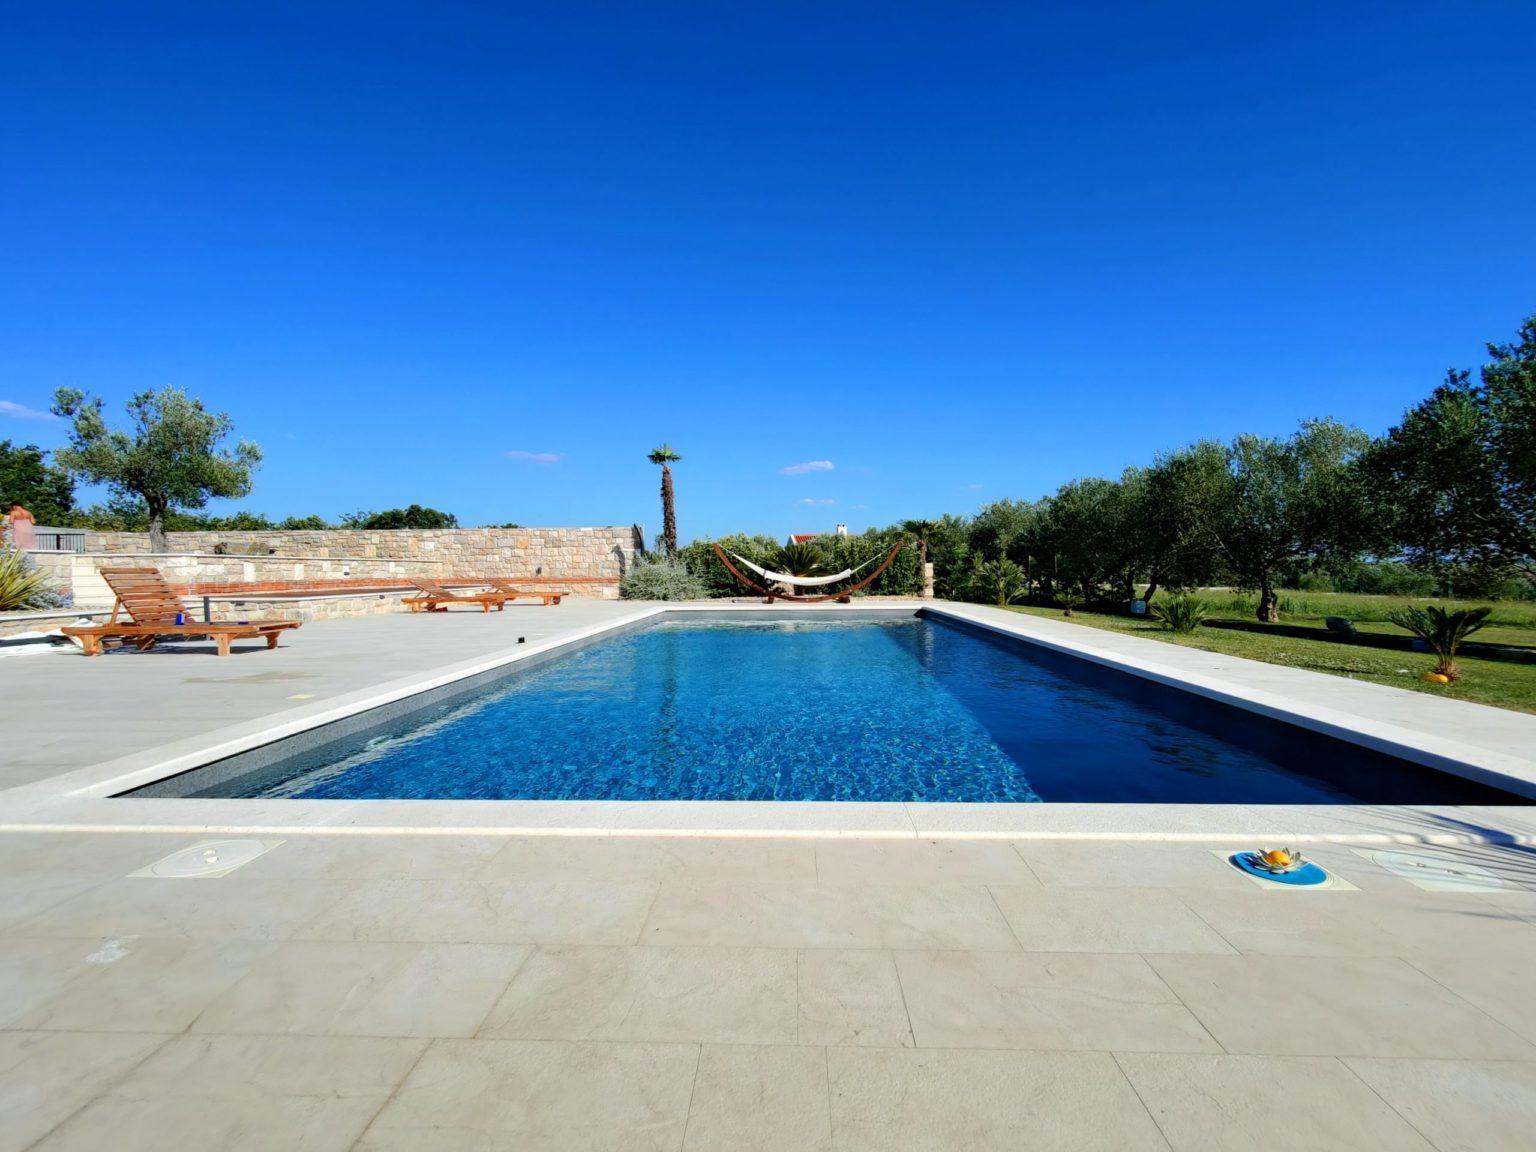 hochzeitslocation Kroatien location hochzeit heiraten 2 9 scaled - Moderne Villa